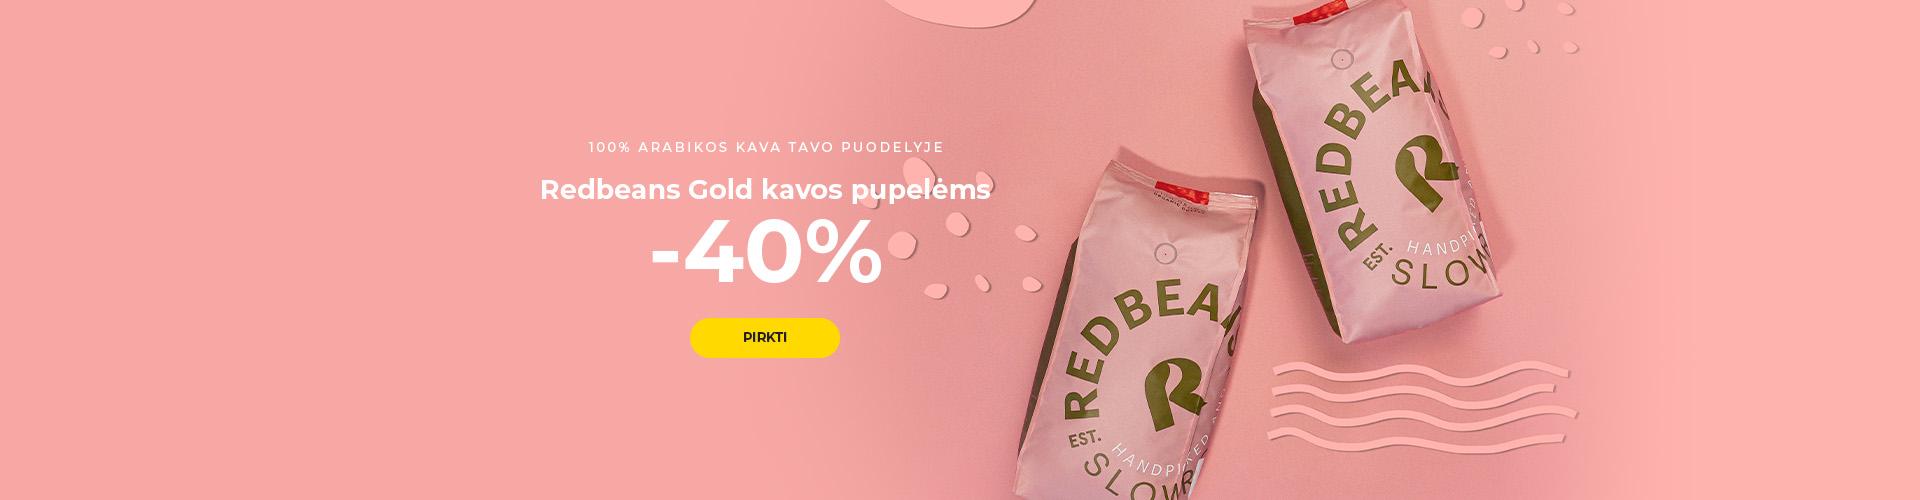 Redbeans Gold kavos pupelėms -40%